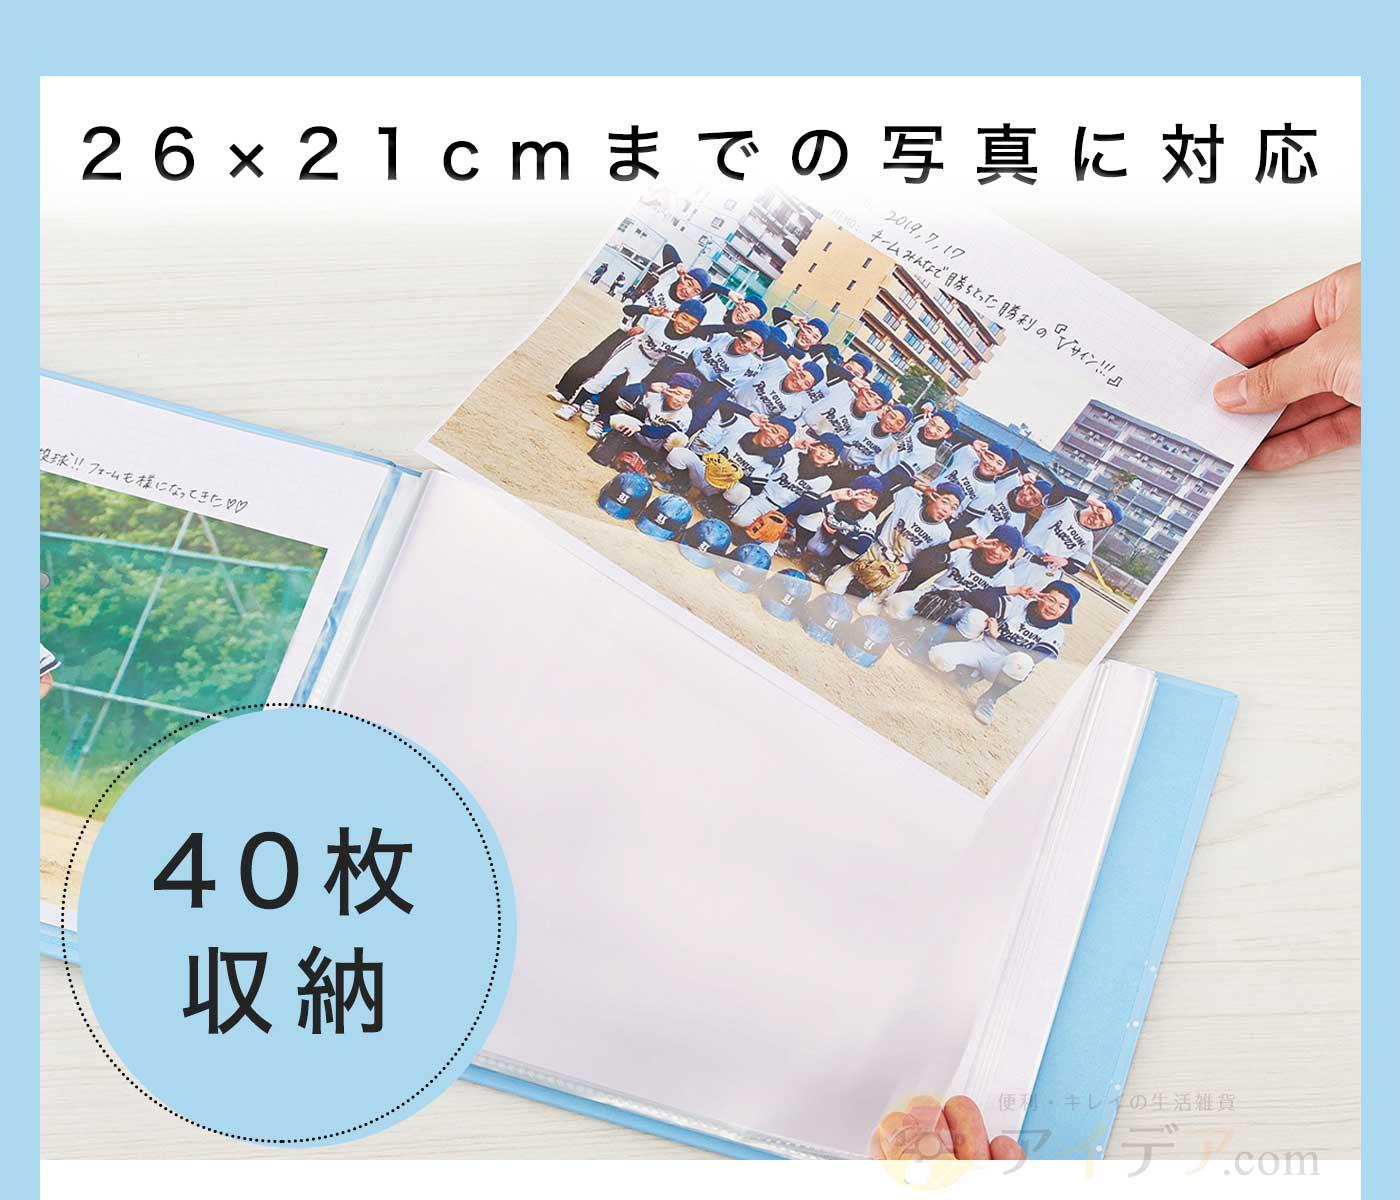 思い出の集合写真アルバム:26cm×21cmまでの写真に対応